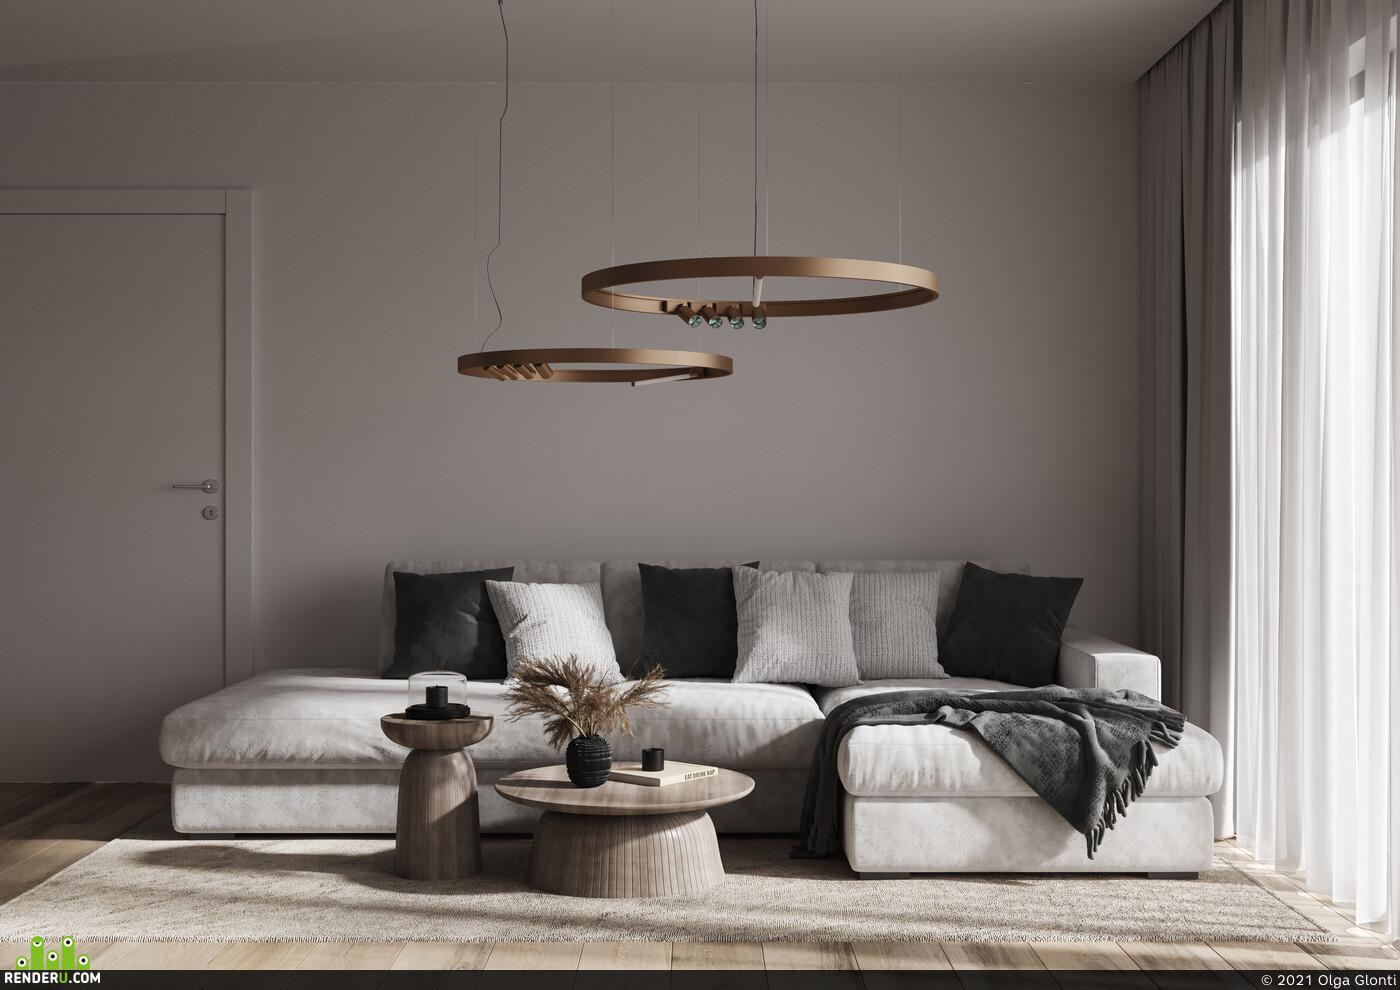 interior, Interior Decor, moderm interior, interior design, modern, visualization, living room